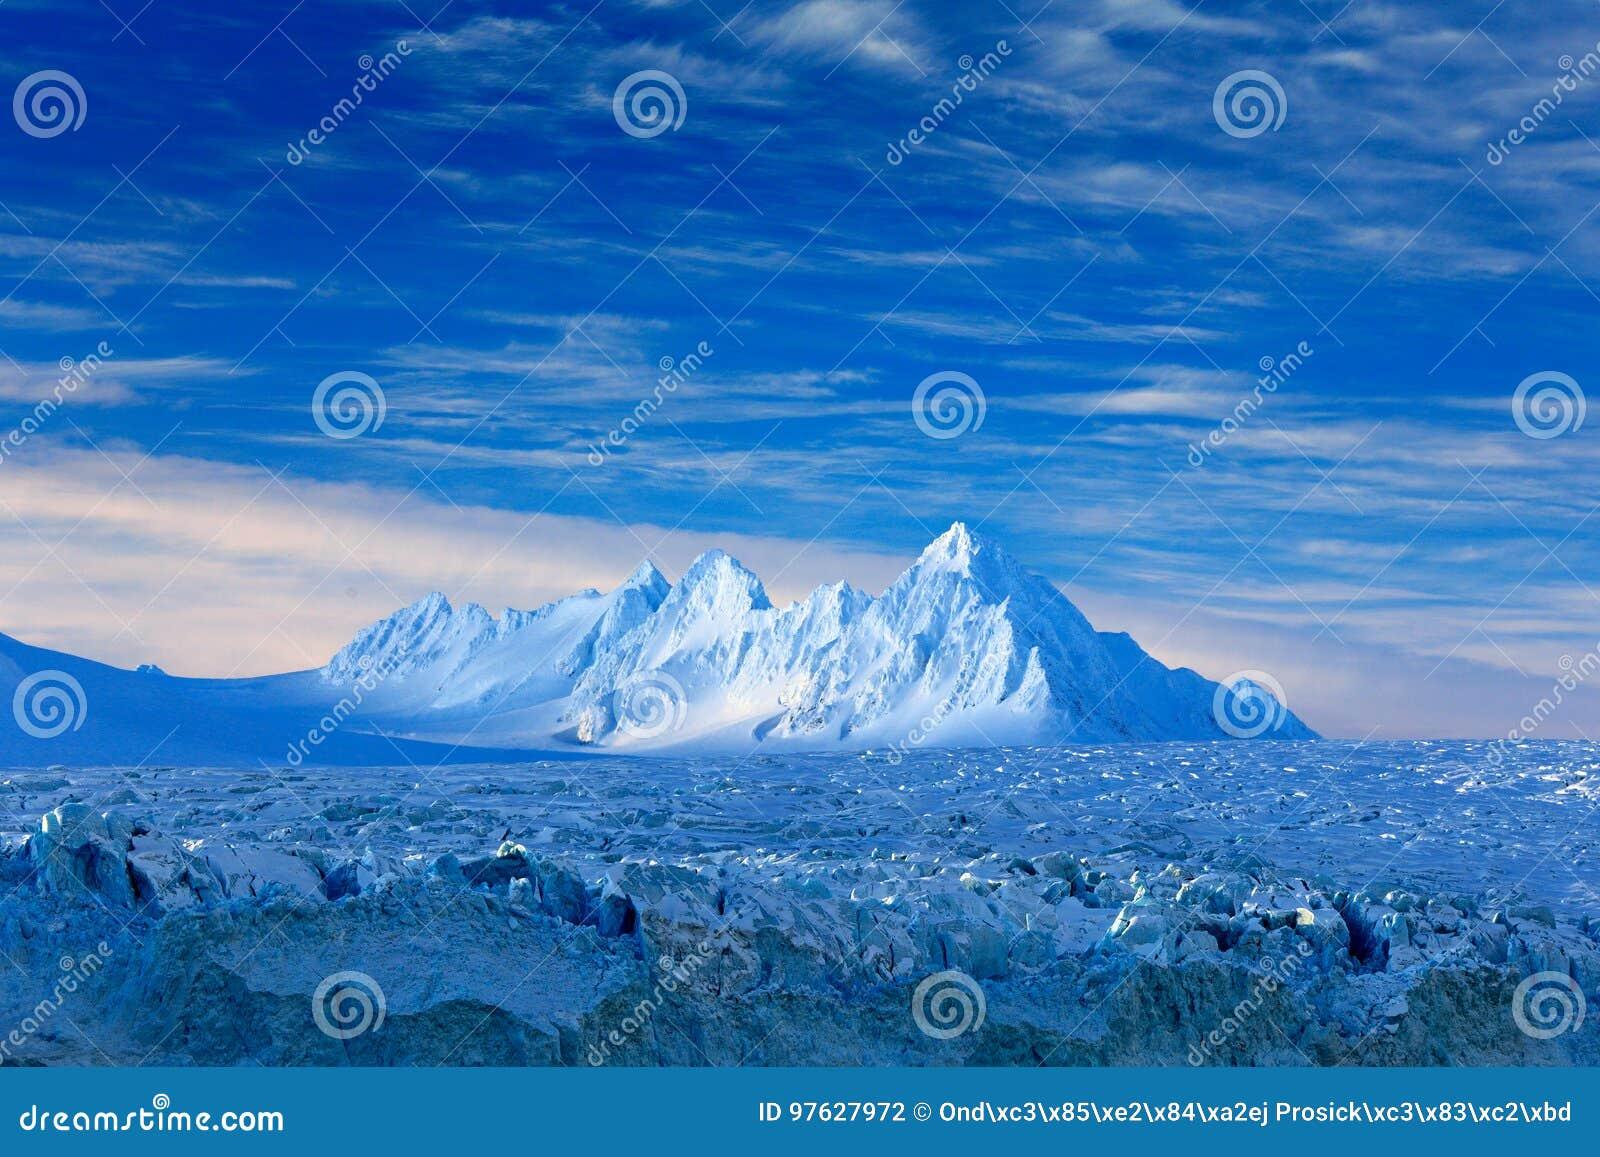 Terra do gelo Viagem em Noruega ártica Montanha nevado branca, geleira azul Svalbard, Noruega Gelo no oceano Iceberg no Polo Nort